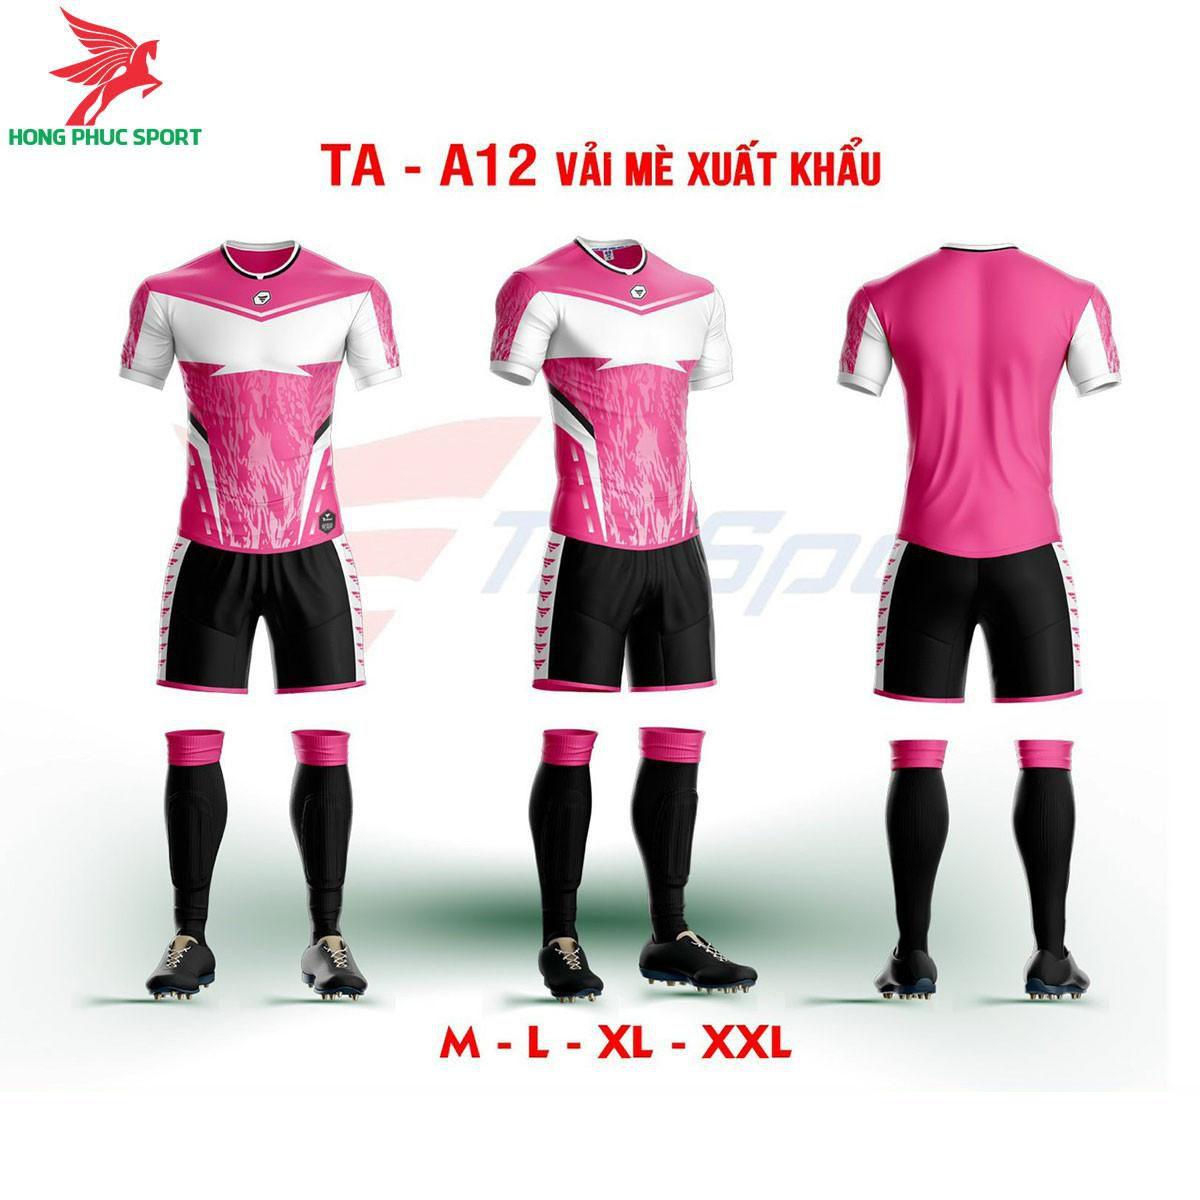 https://cdn.hongphucsport.com/unsafe/s4.shopbay.vn/files/285/ao-khong-logo-truong-an-ta-a12-mau-hong-604745f4c3d30.jpg